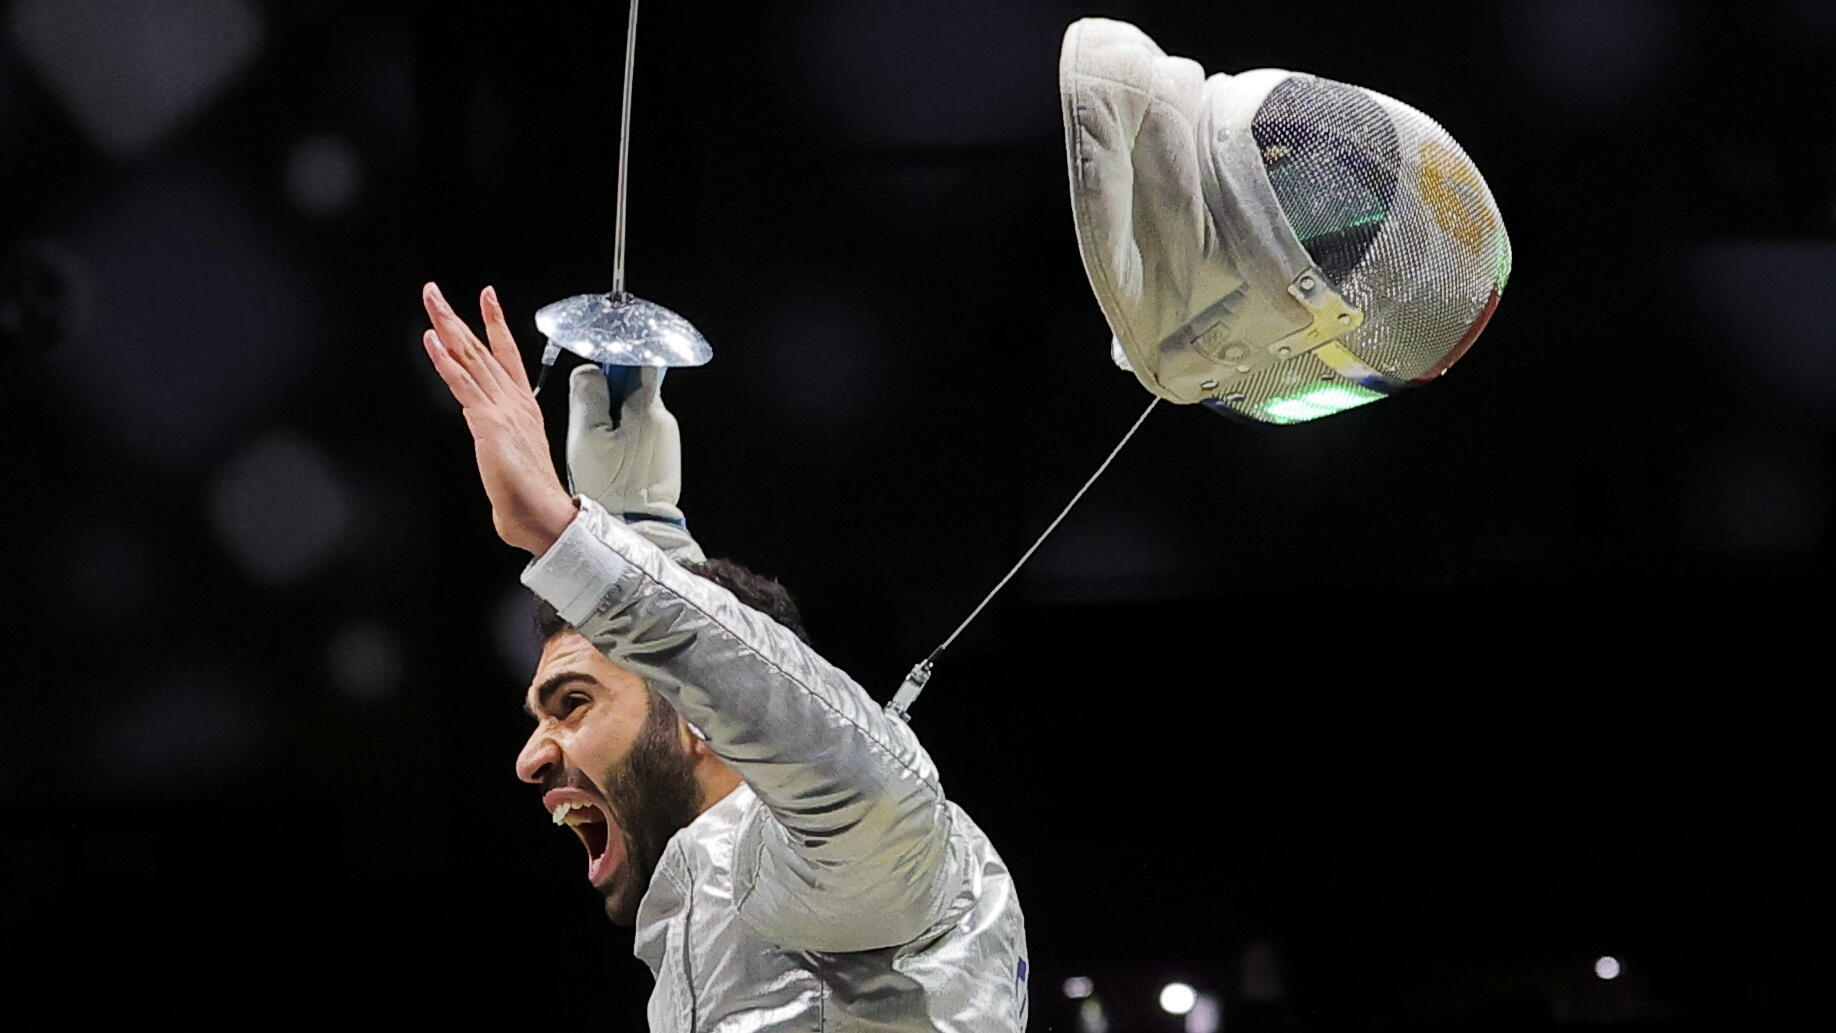 L'escrimeur égyptien Ziad Elsissy célèbre la cinquième place de son équipe aux Jeux olympiques de Tokyo, le 28 juillet 2021.